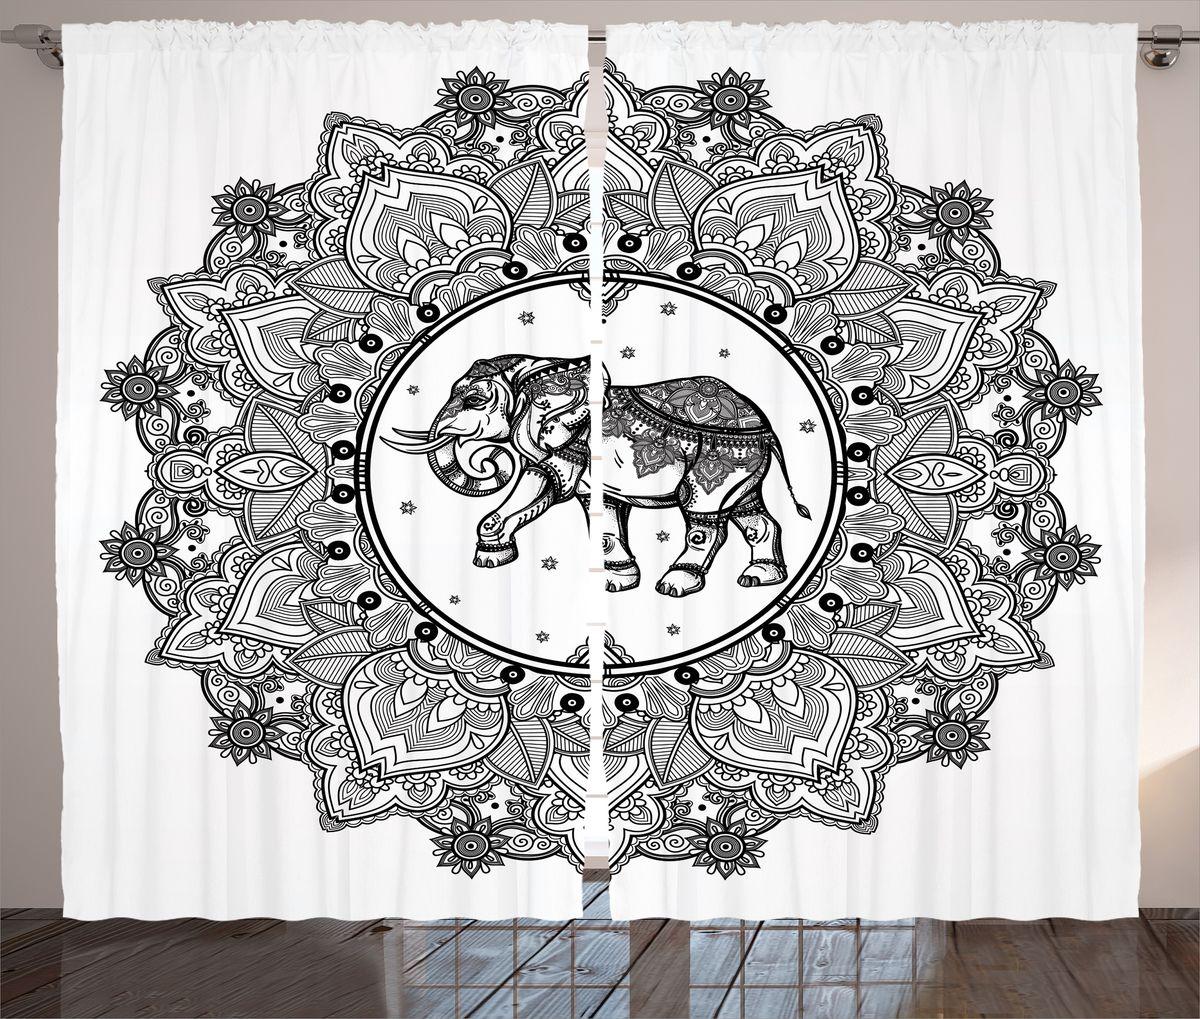 Комплект фотоштор Magic Lady, на ленте, высота 265 см. шсг_16086PM 6705Компания Сэмболь изготавливает шторы из высококачественного сатена (полиэстер 100%). При изготовлении используются специальные гипоаллергенные чернила для прямой печати по ткани, безопасные для человека и животных. Экологичность продукции Magic lady и безопасность для окружающей среды подтверждены сертификатом Oeko-Tex Standard 100. Крепление: крючки для крепления на шторной ленте (50 шт). Возможно крепление на трубу. Внимание! При нанесении сублимационной печати на ткань технологическим методом при температуре 240°С, возможно отклонение полученных размеров (указанных на этикетке и сайте) от стандартных на + - 3-5 см. Производитель старается максимально точно передать цвета изделия на фотографиях, однако искажения неизбежны и фактический цвет изделия может отличаться от воспринимаемого по фото. Обратите внимание! Шторы изготовлены из полиэстра сатенового переплетения, а не из сатина (хлопок). Размер одного полотна шторы: 145х265 см. В комплекте 2 полотна шторы и 50 крючков.